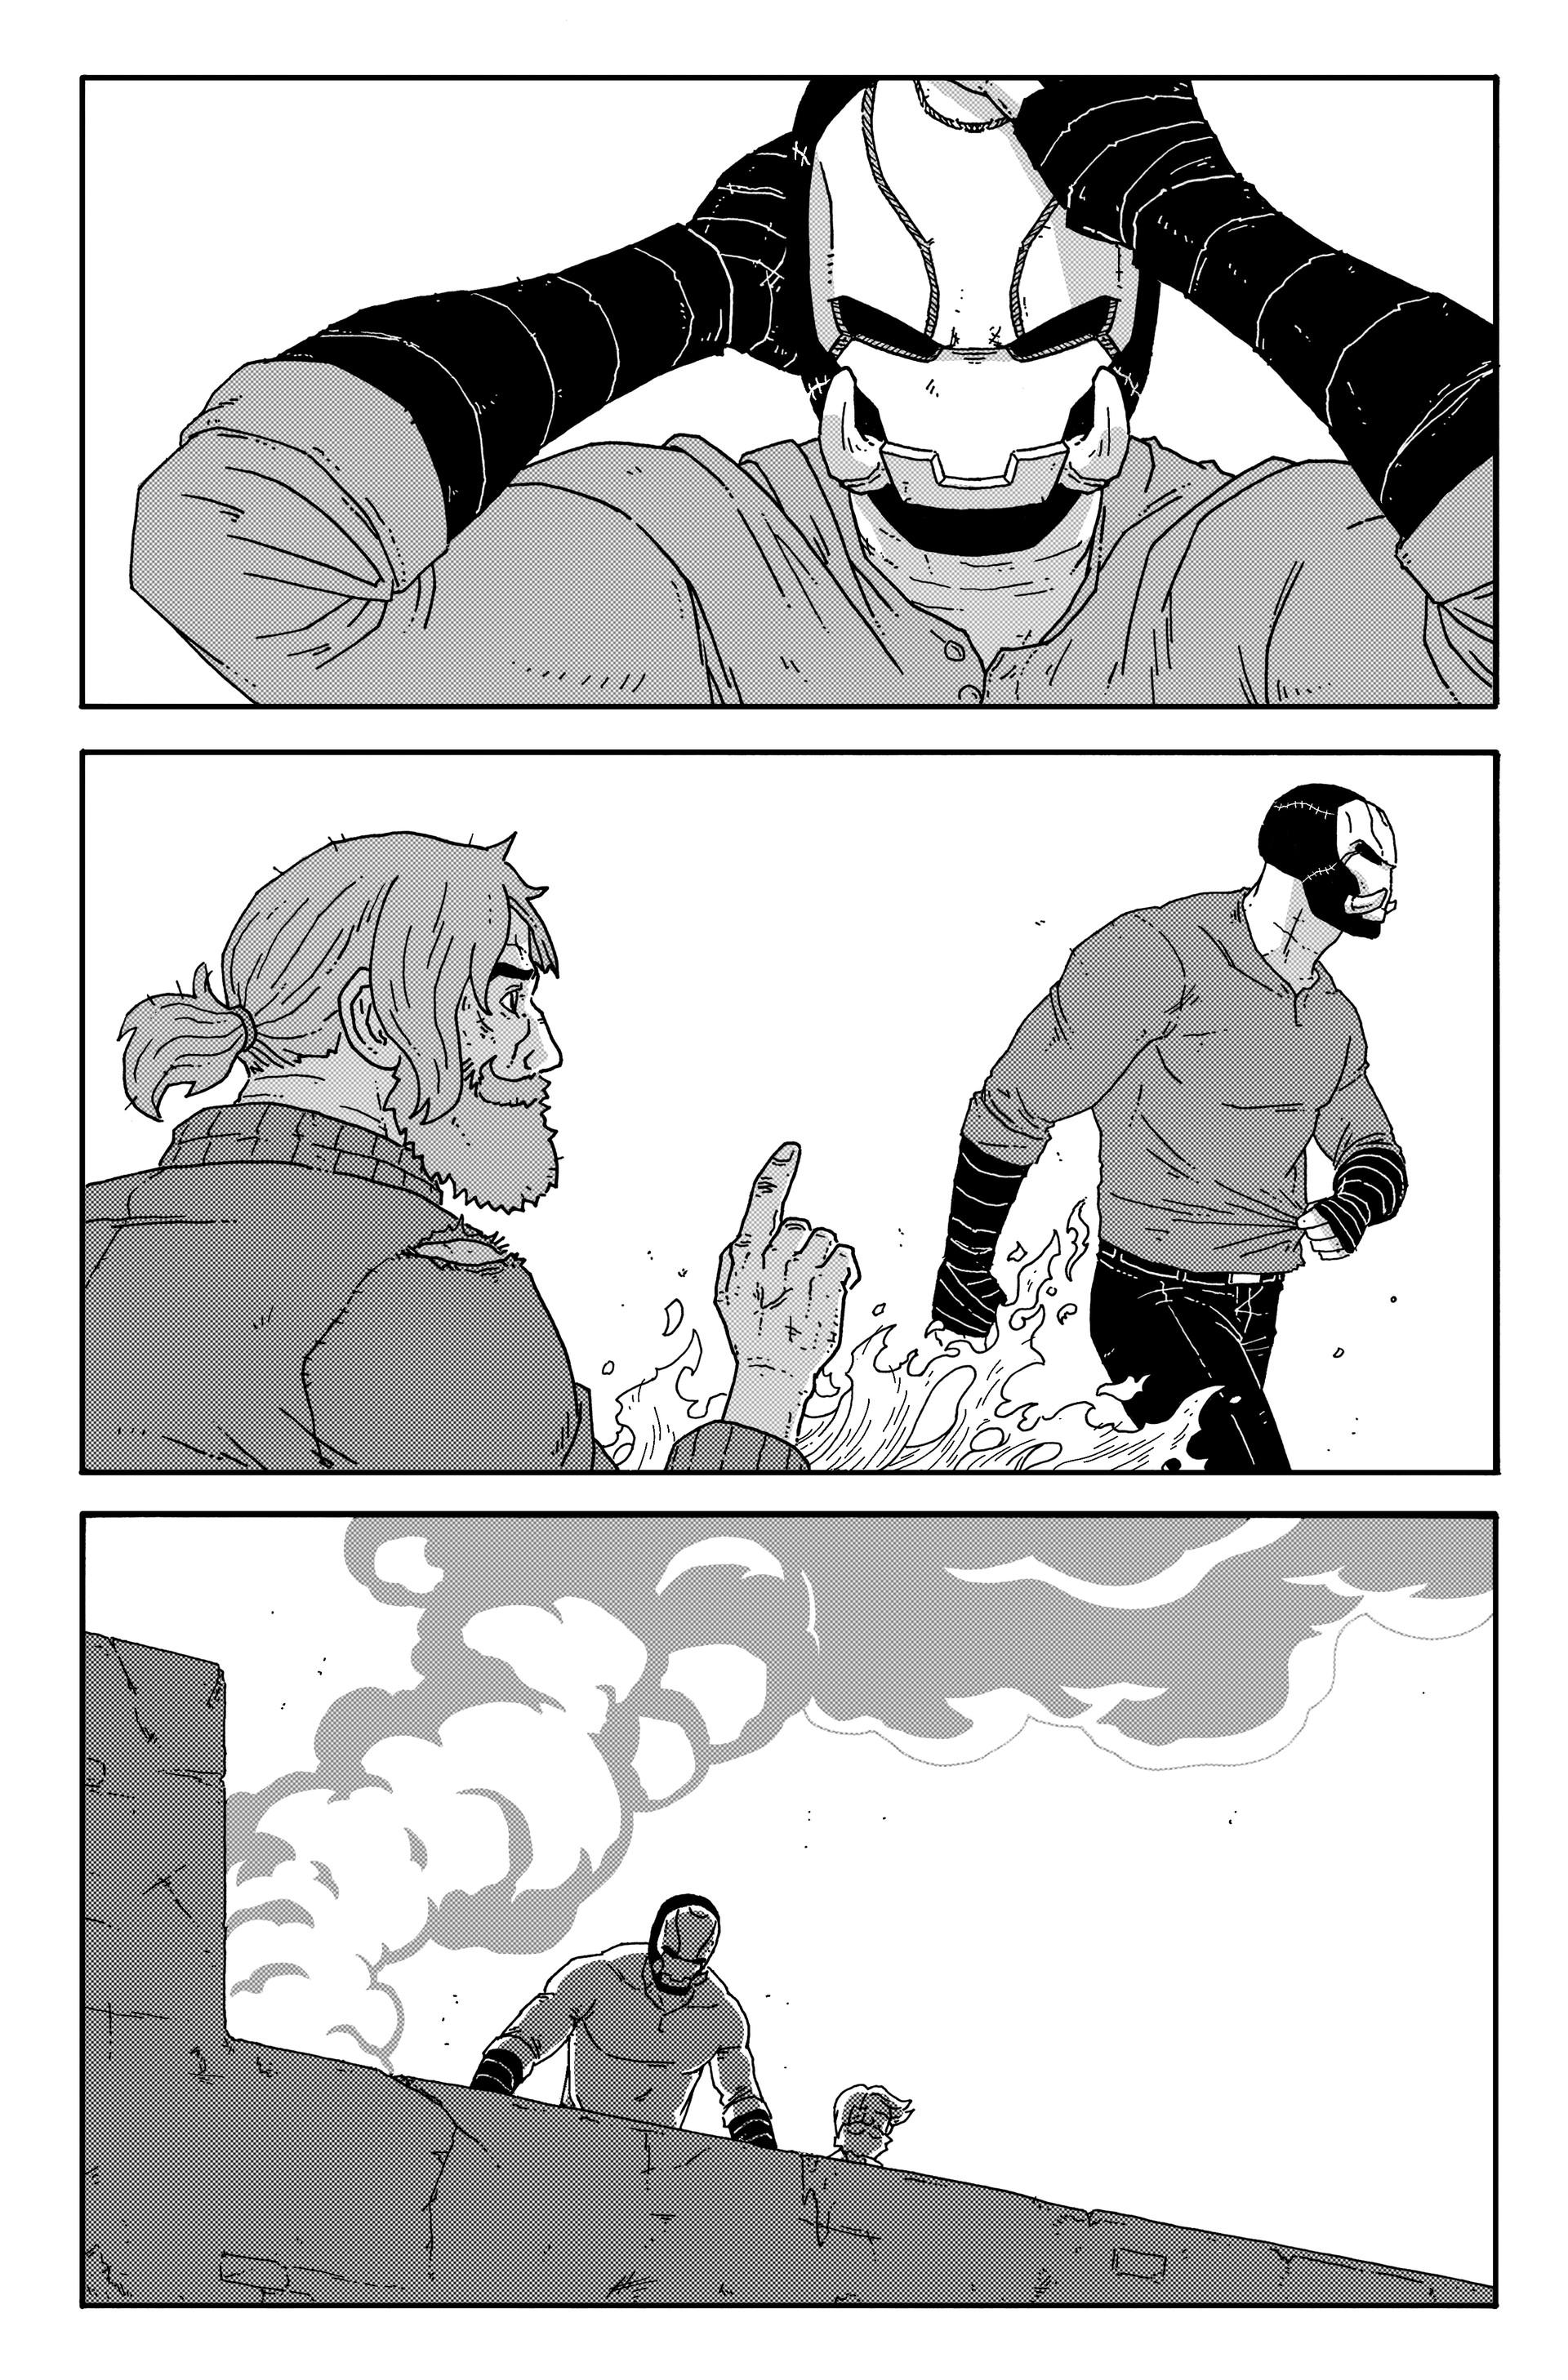 Andrew sebastian kwan pg 9